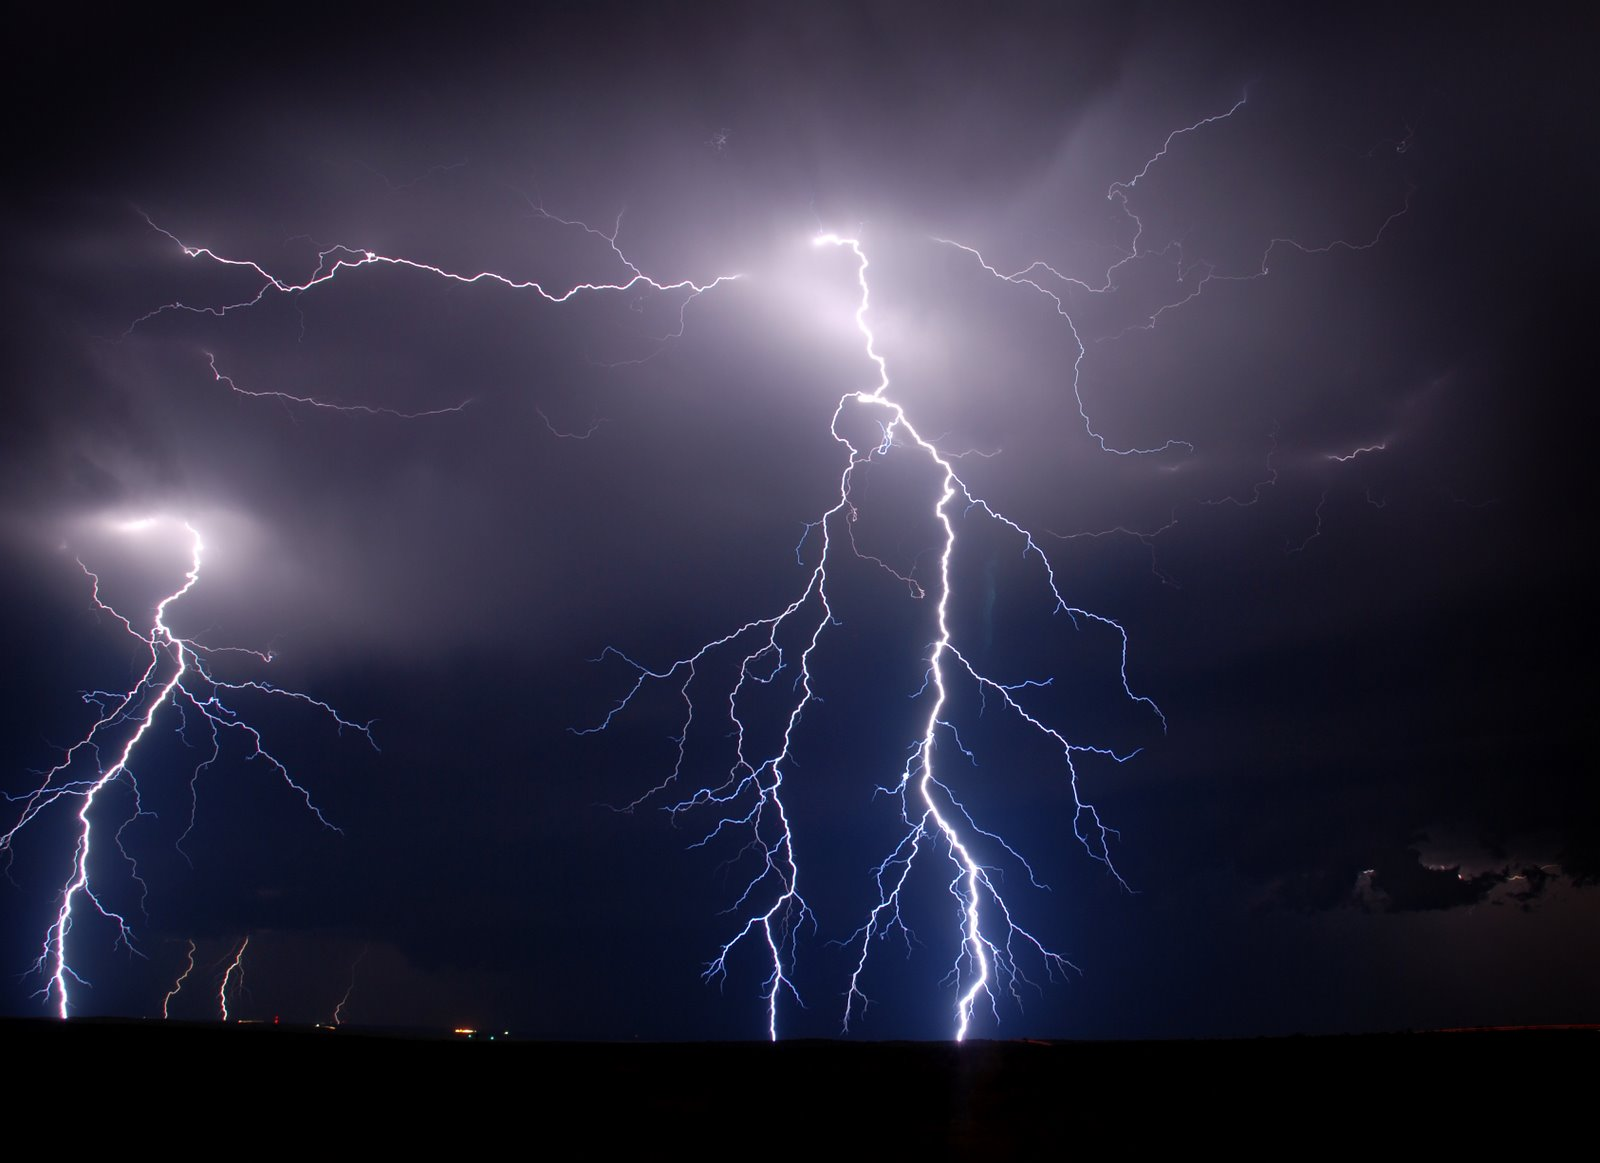 http://3.bp.blogspot.com/-3uf2m3rHsS4/UEy2bbir5pI/AAAAAAAAAVk/Q6VKdQqhcnU/s1600/The-best-top-desktop-lightning-wallpapers-lightning-wallpaper-13.jpg